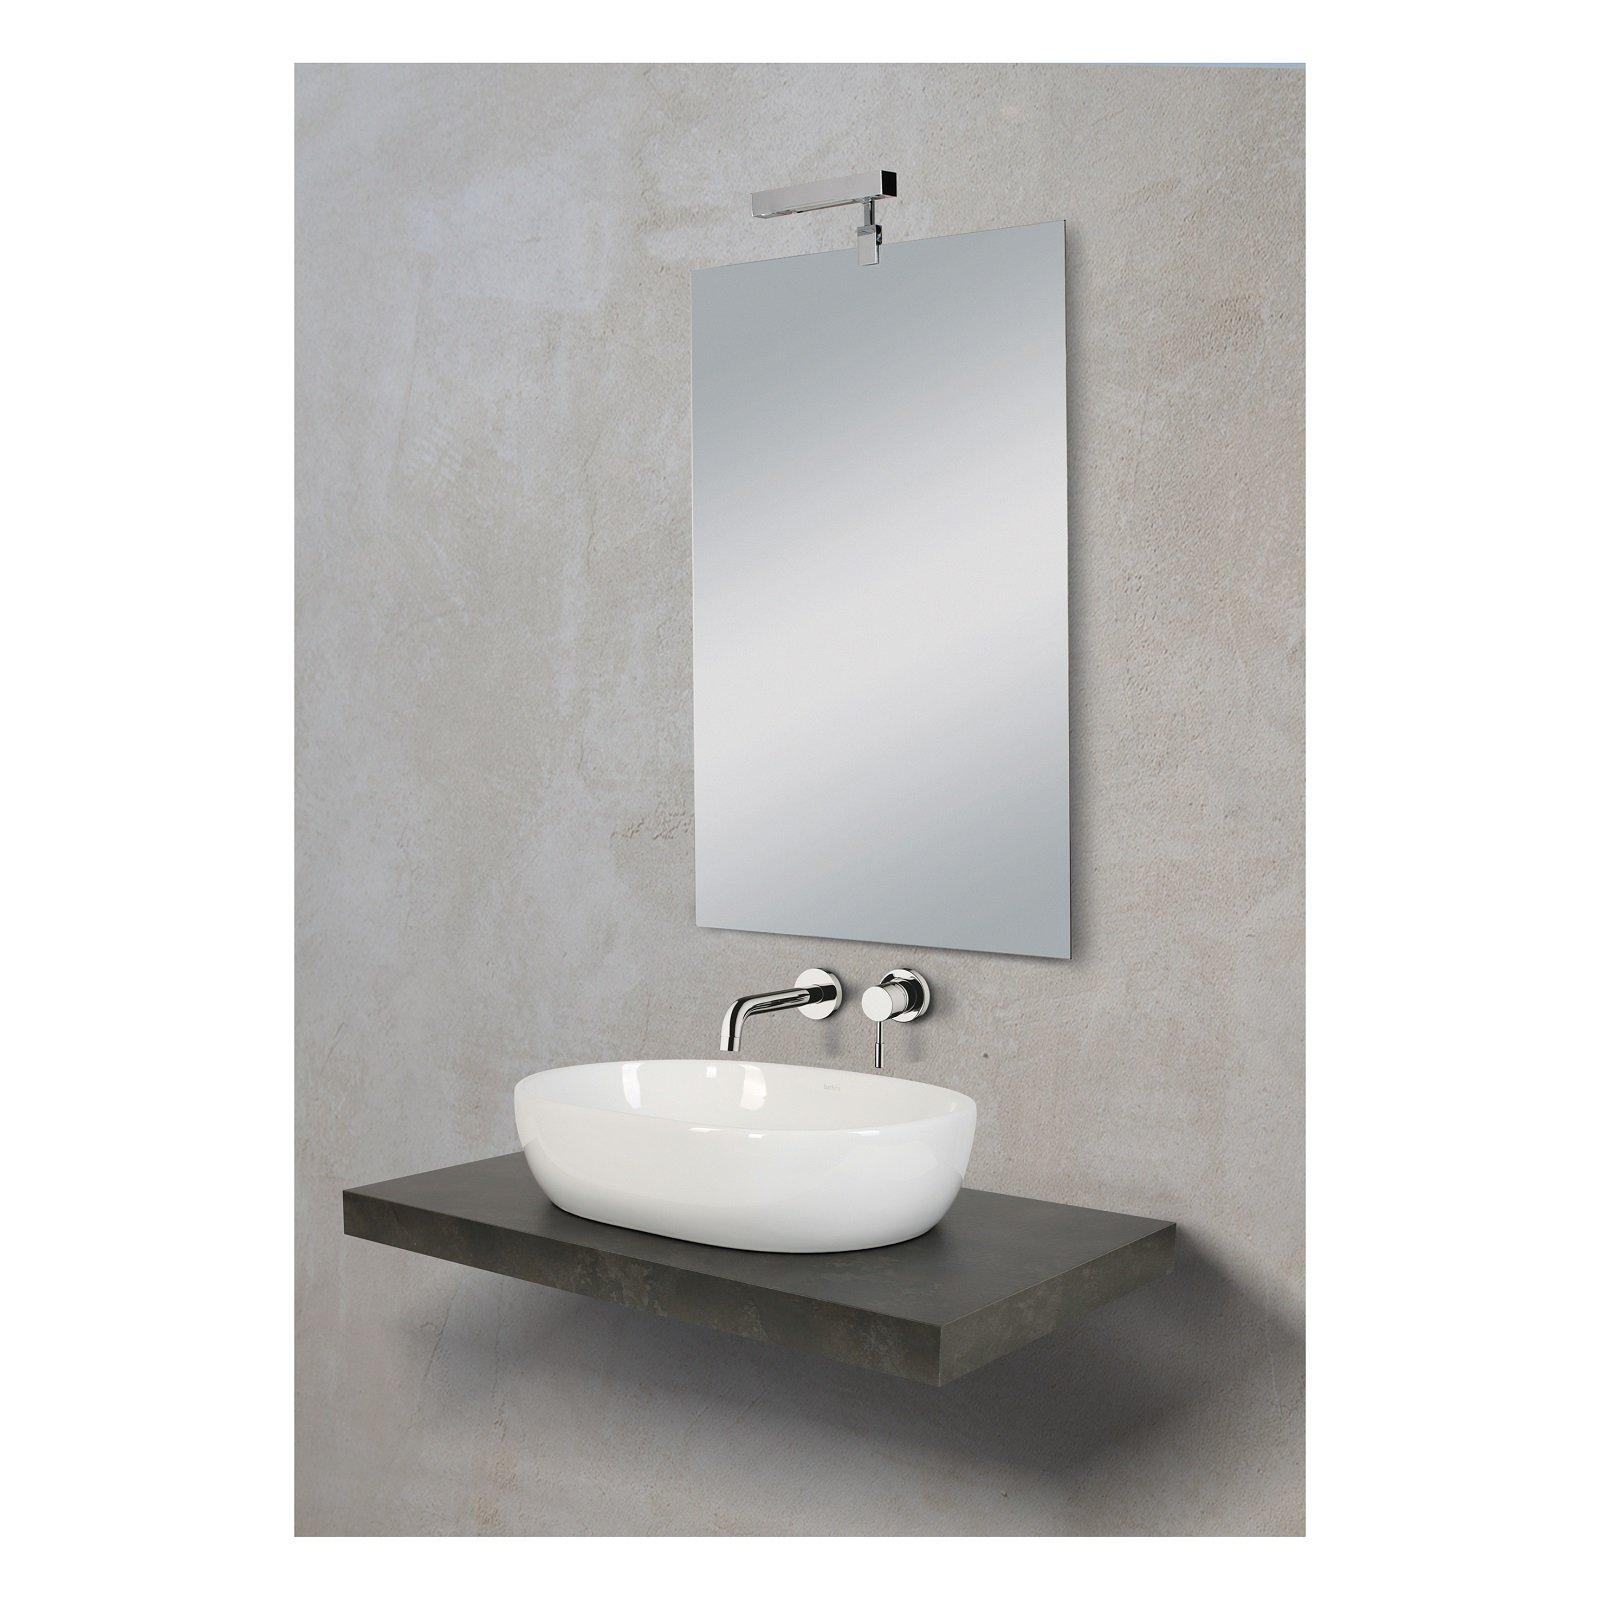 Fanno tendenza i moderni lavabi d appoggio che donano for Le roy merlin lavabo